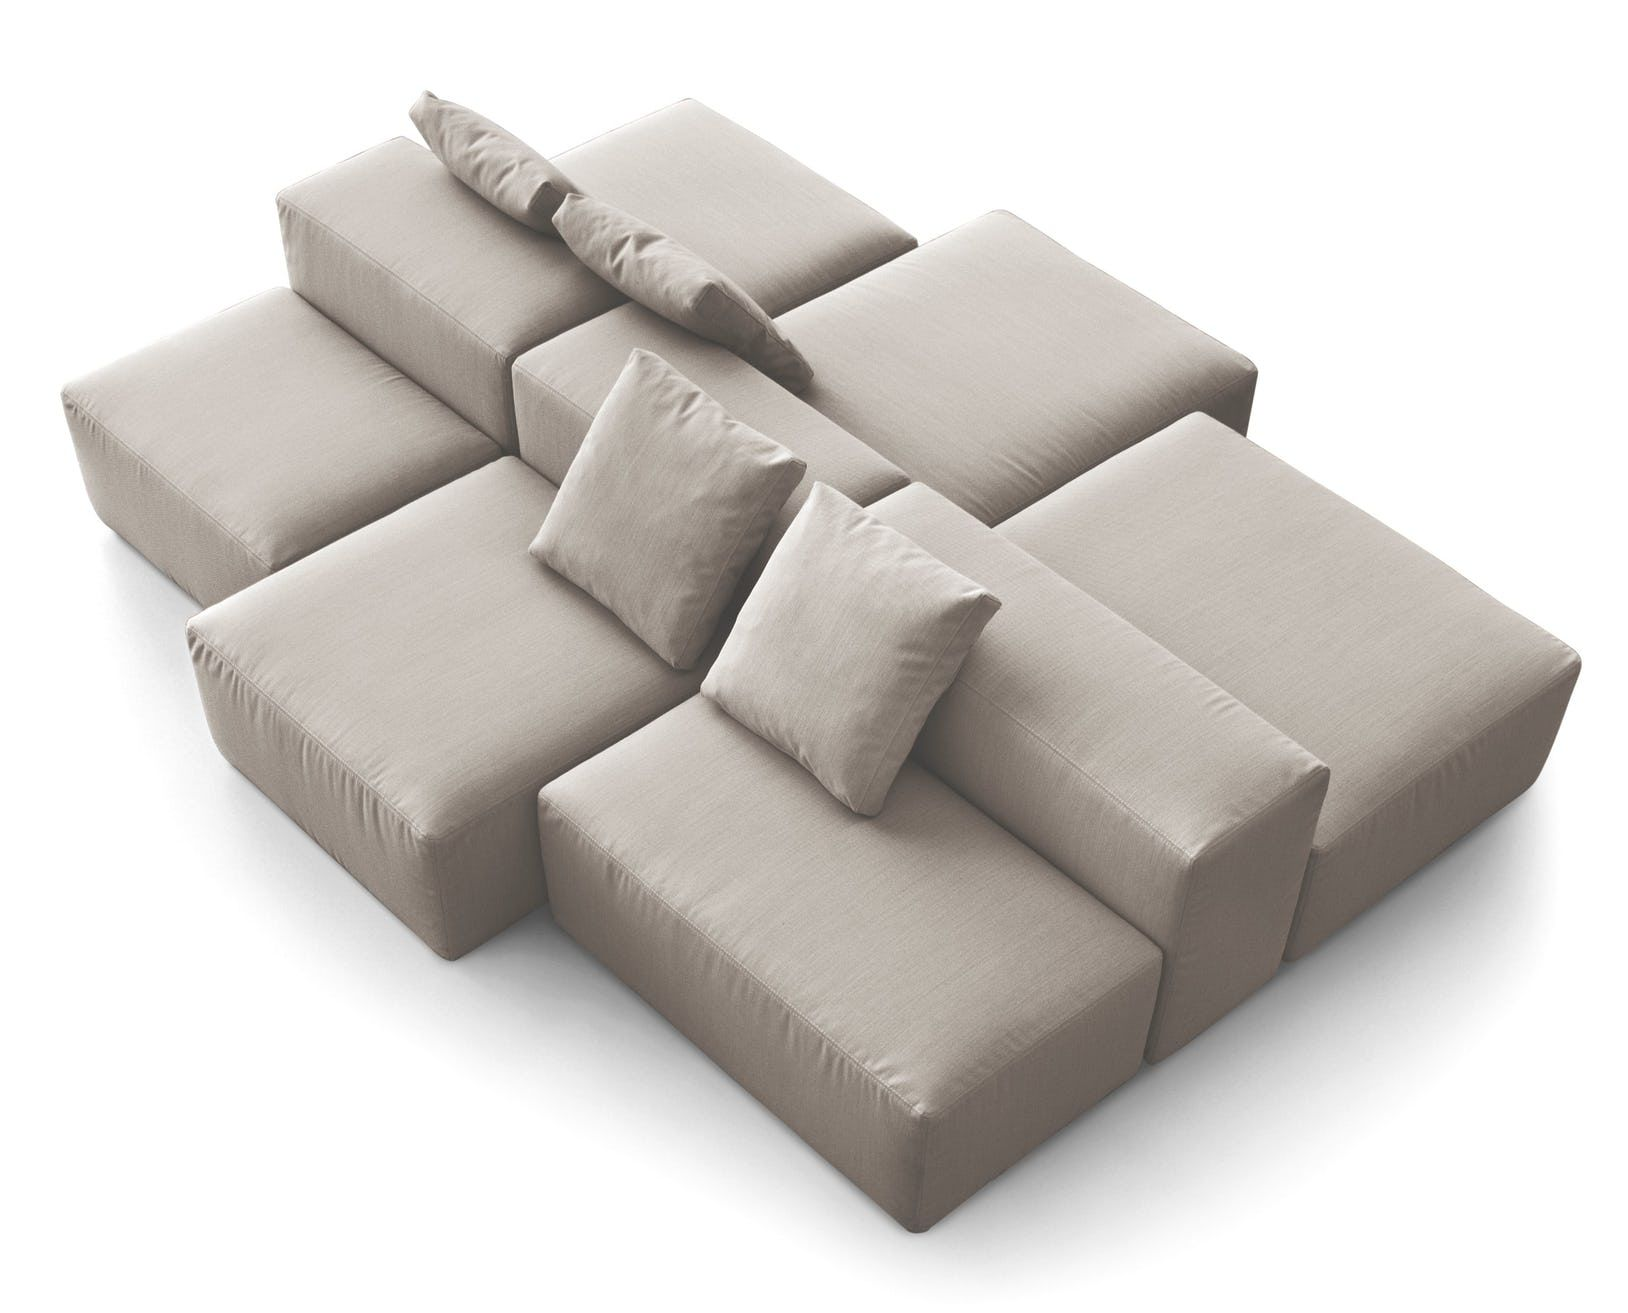 Takimi Sofa By La Cividina Now Available At Haute Living Sofa Furniture Sofa Modular Sofa